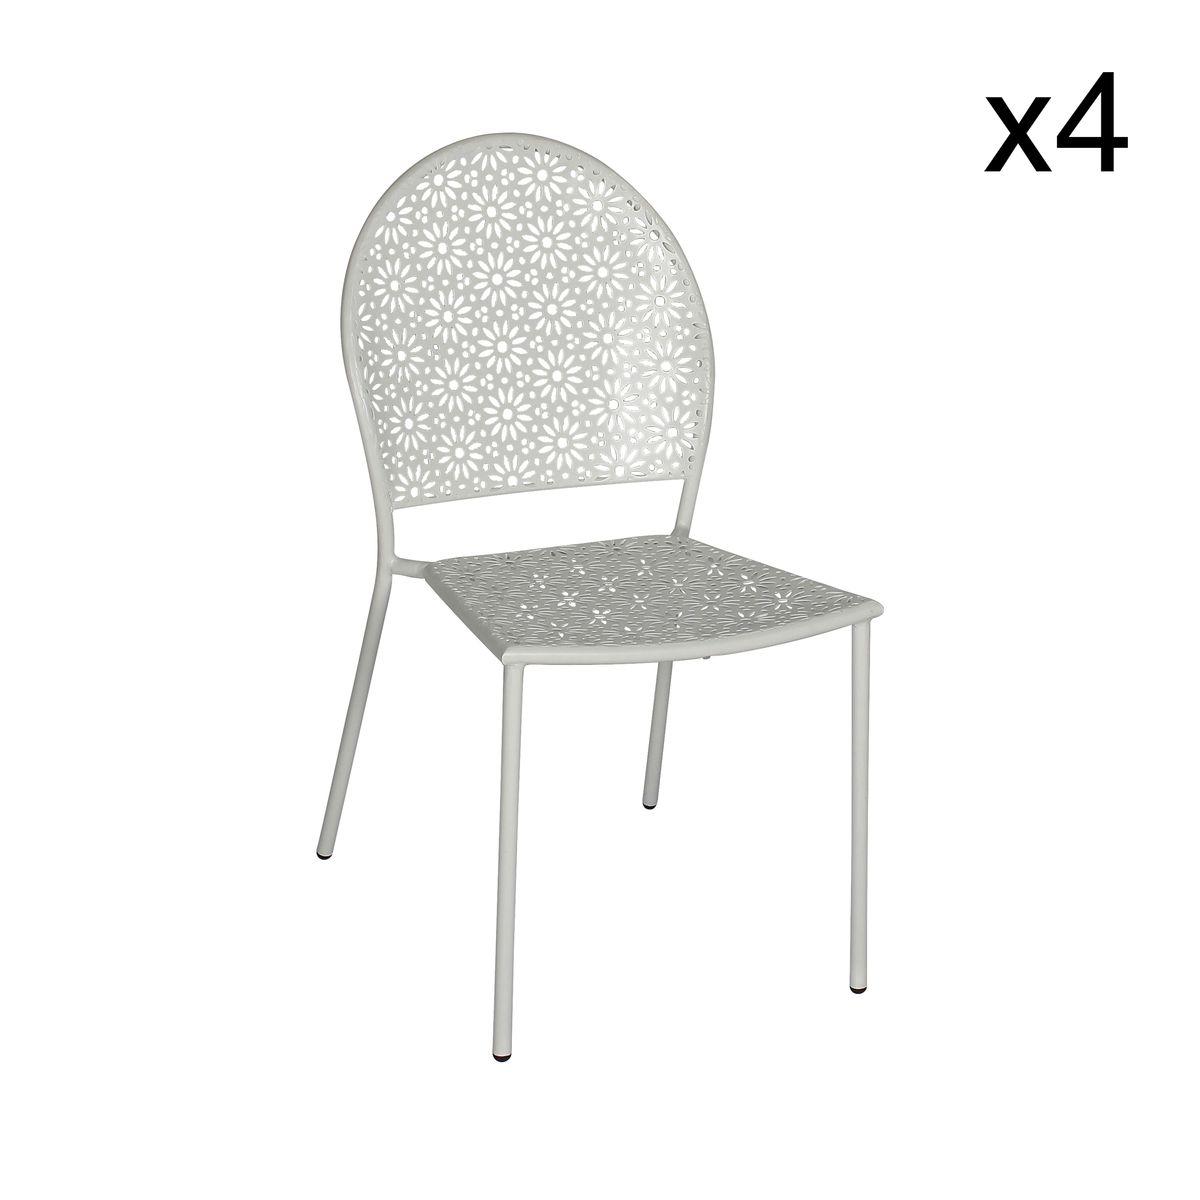 Lot de 4 chaises d'extérieur en métal blanc